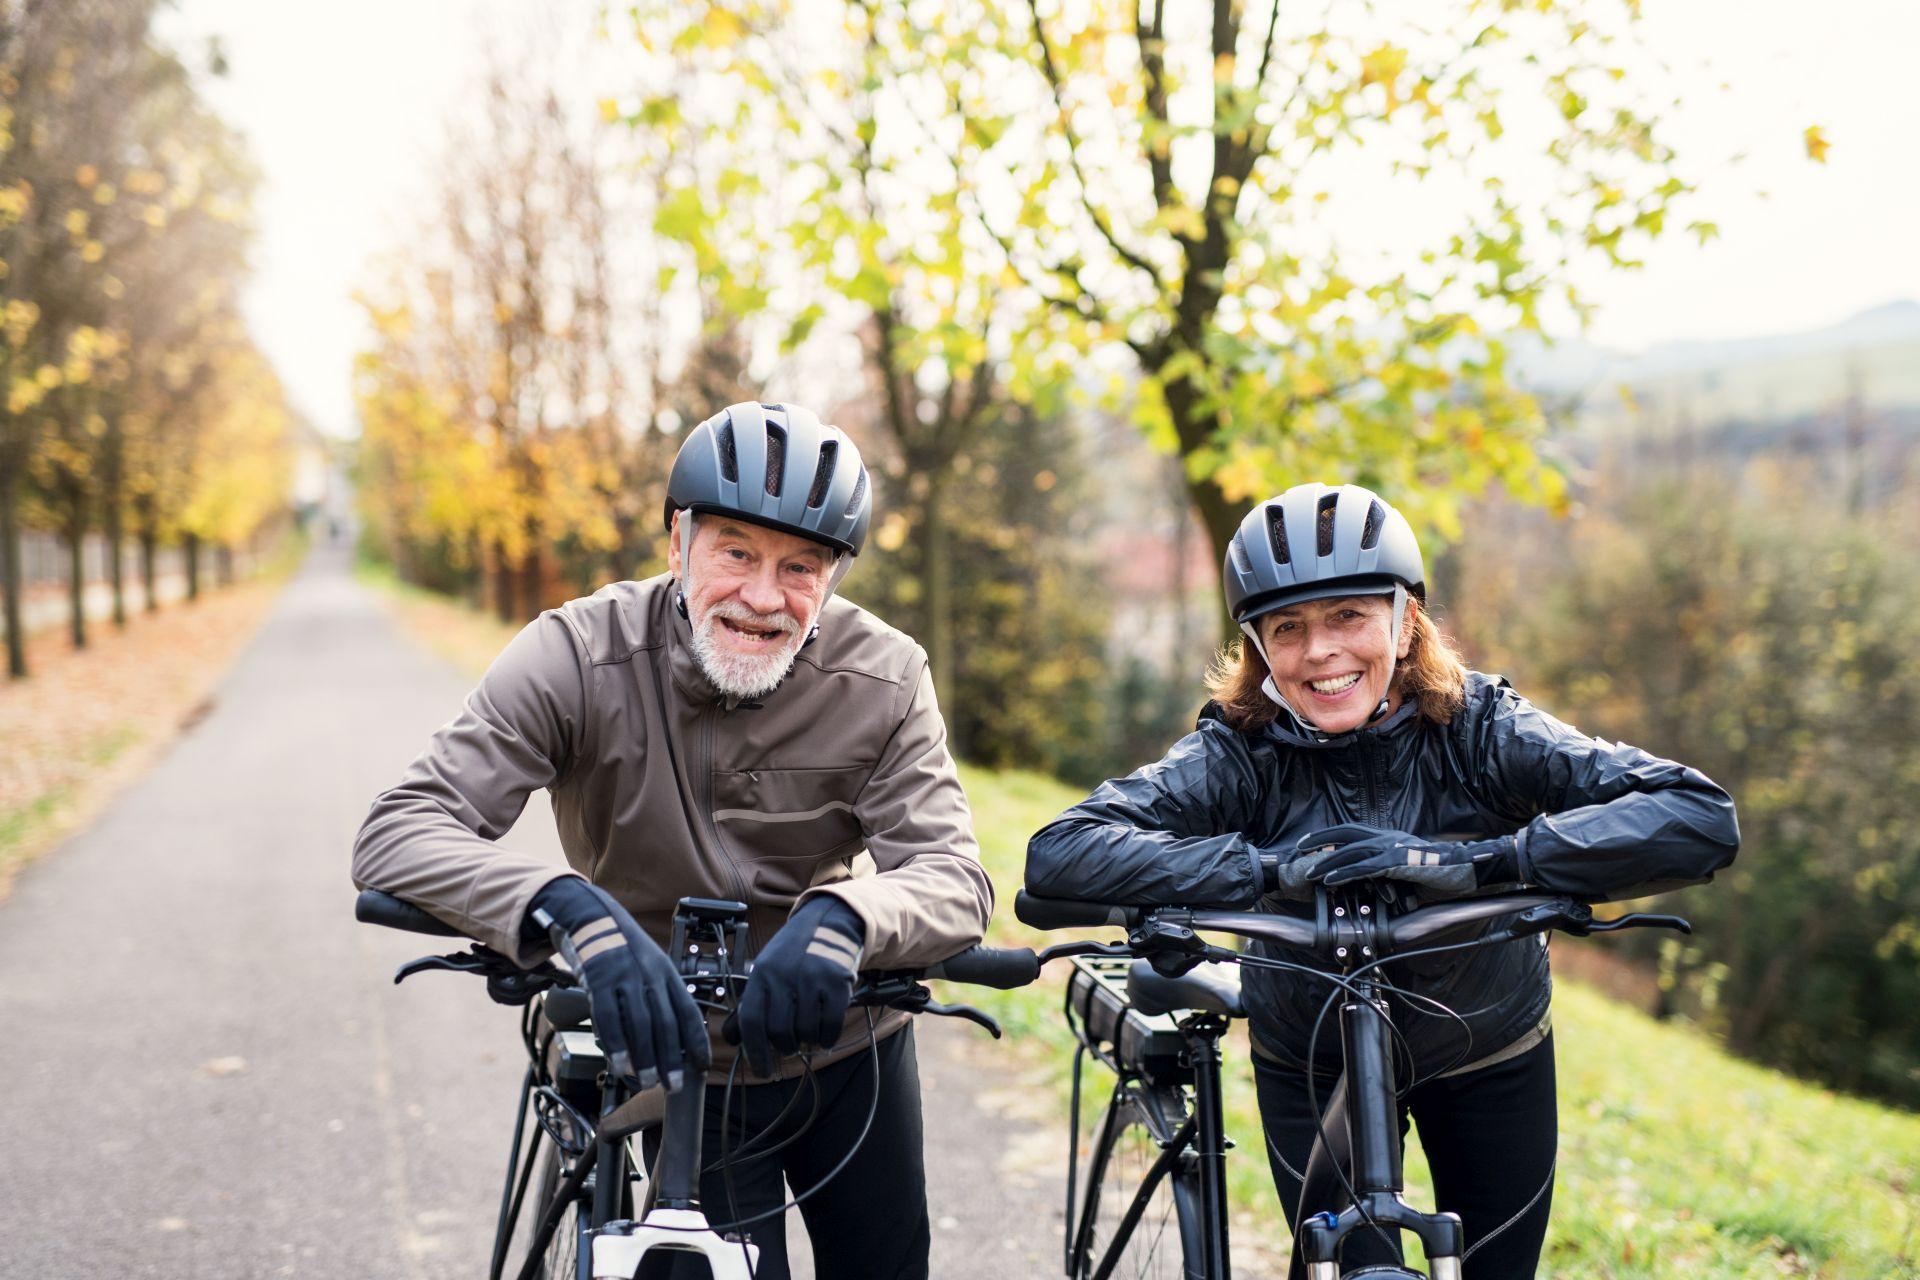 Zmiana stylu życia i dieta przy nadciśnieniu - wybierz umiarkowaną aktywność fizyczną, redukuj stres i masę ciała, aby obniżyć ciśnienie krwi.